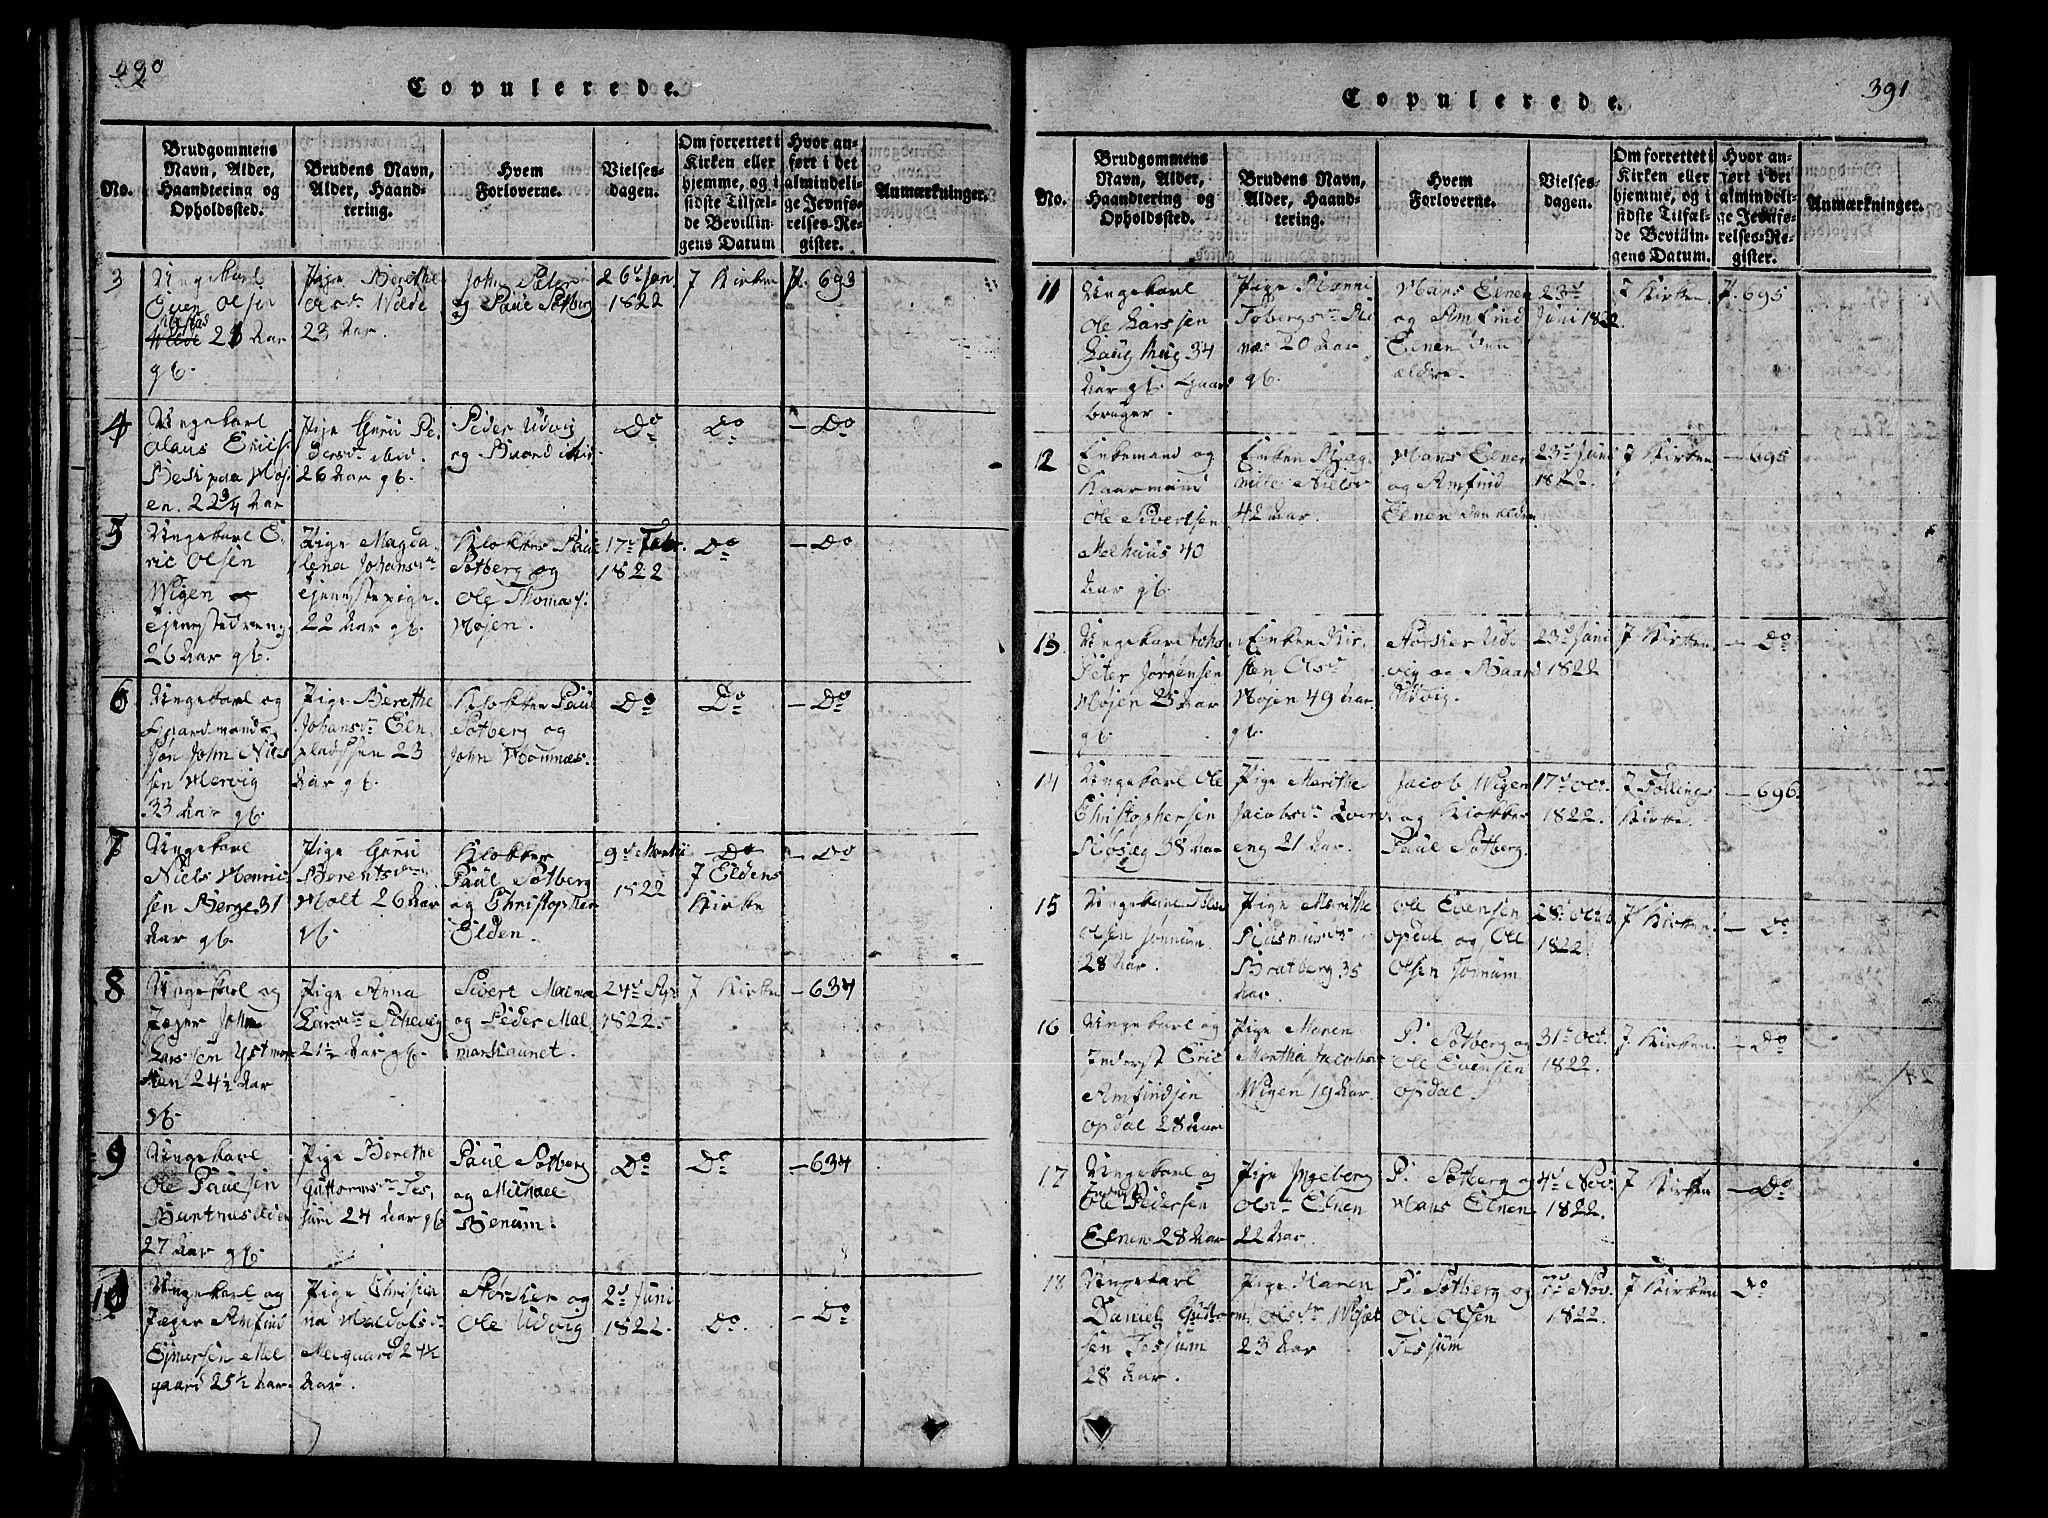 SAT, Ministerialprotokoller, klokkerbøker og fødselsregistre - Nord-Trøndelag, 741/L0400: Klokkerbok nr. 741C01, 1817-1825, s. 390-391